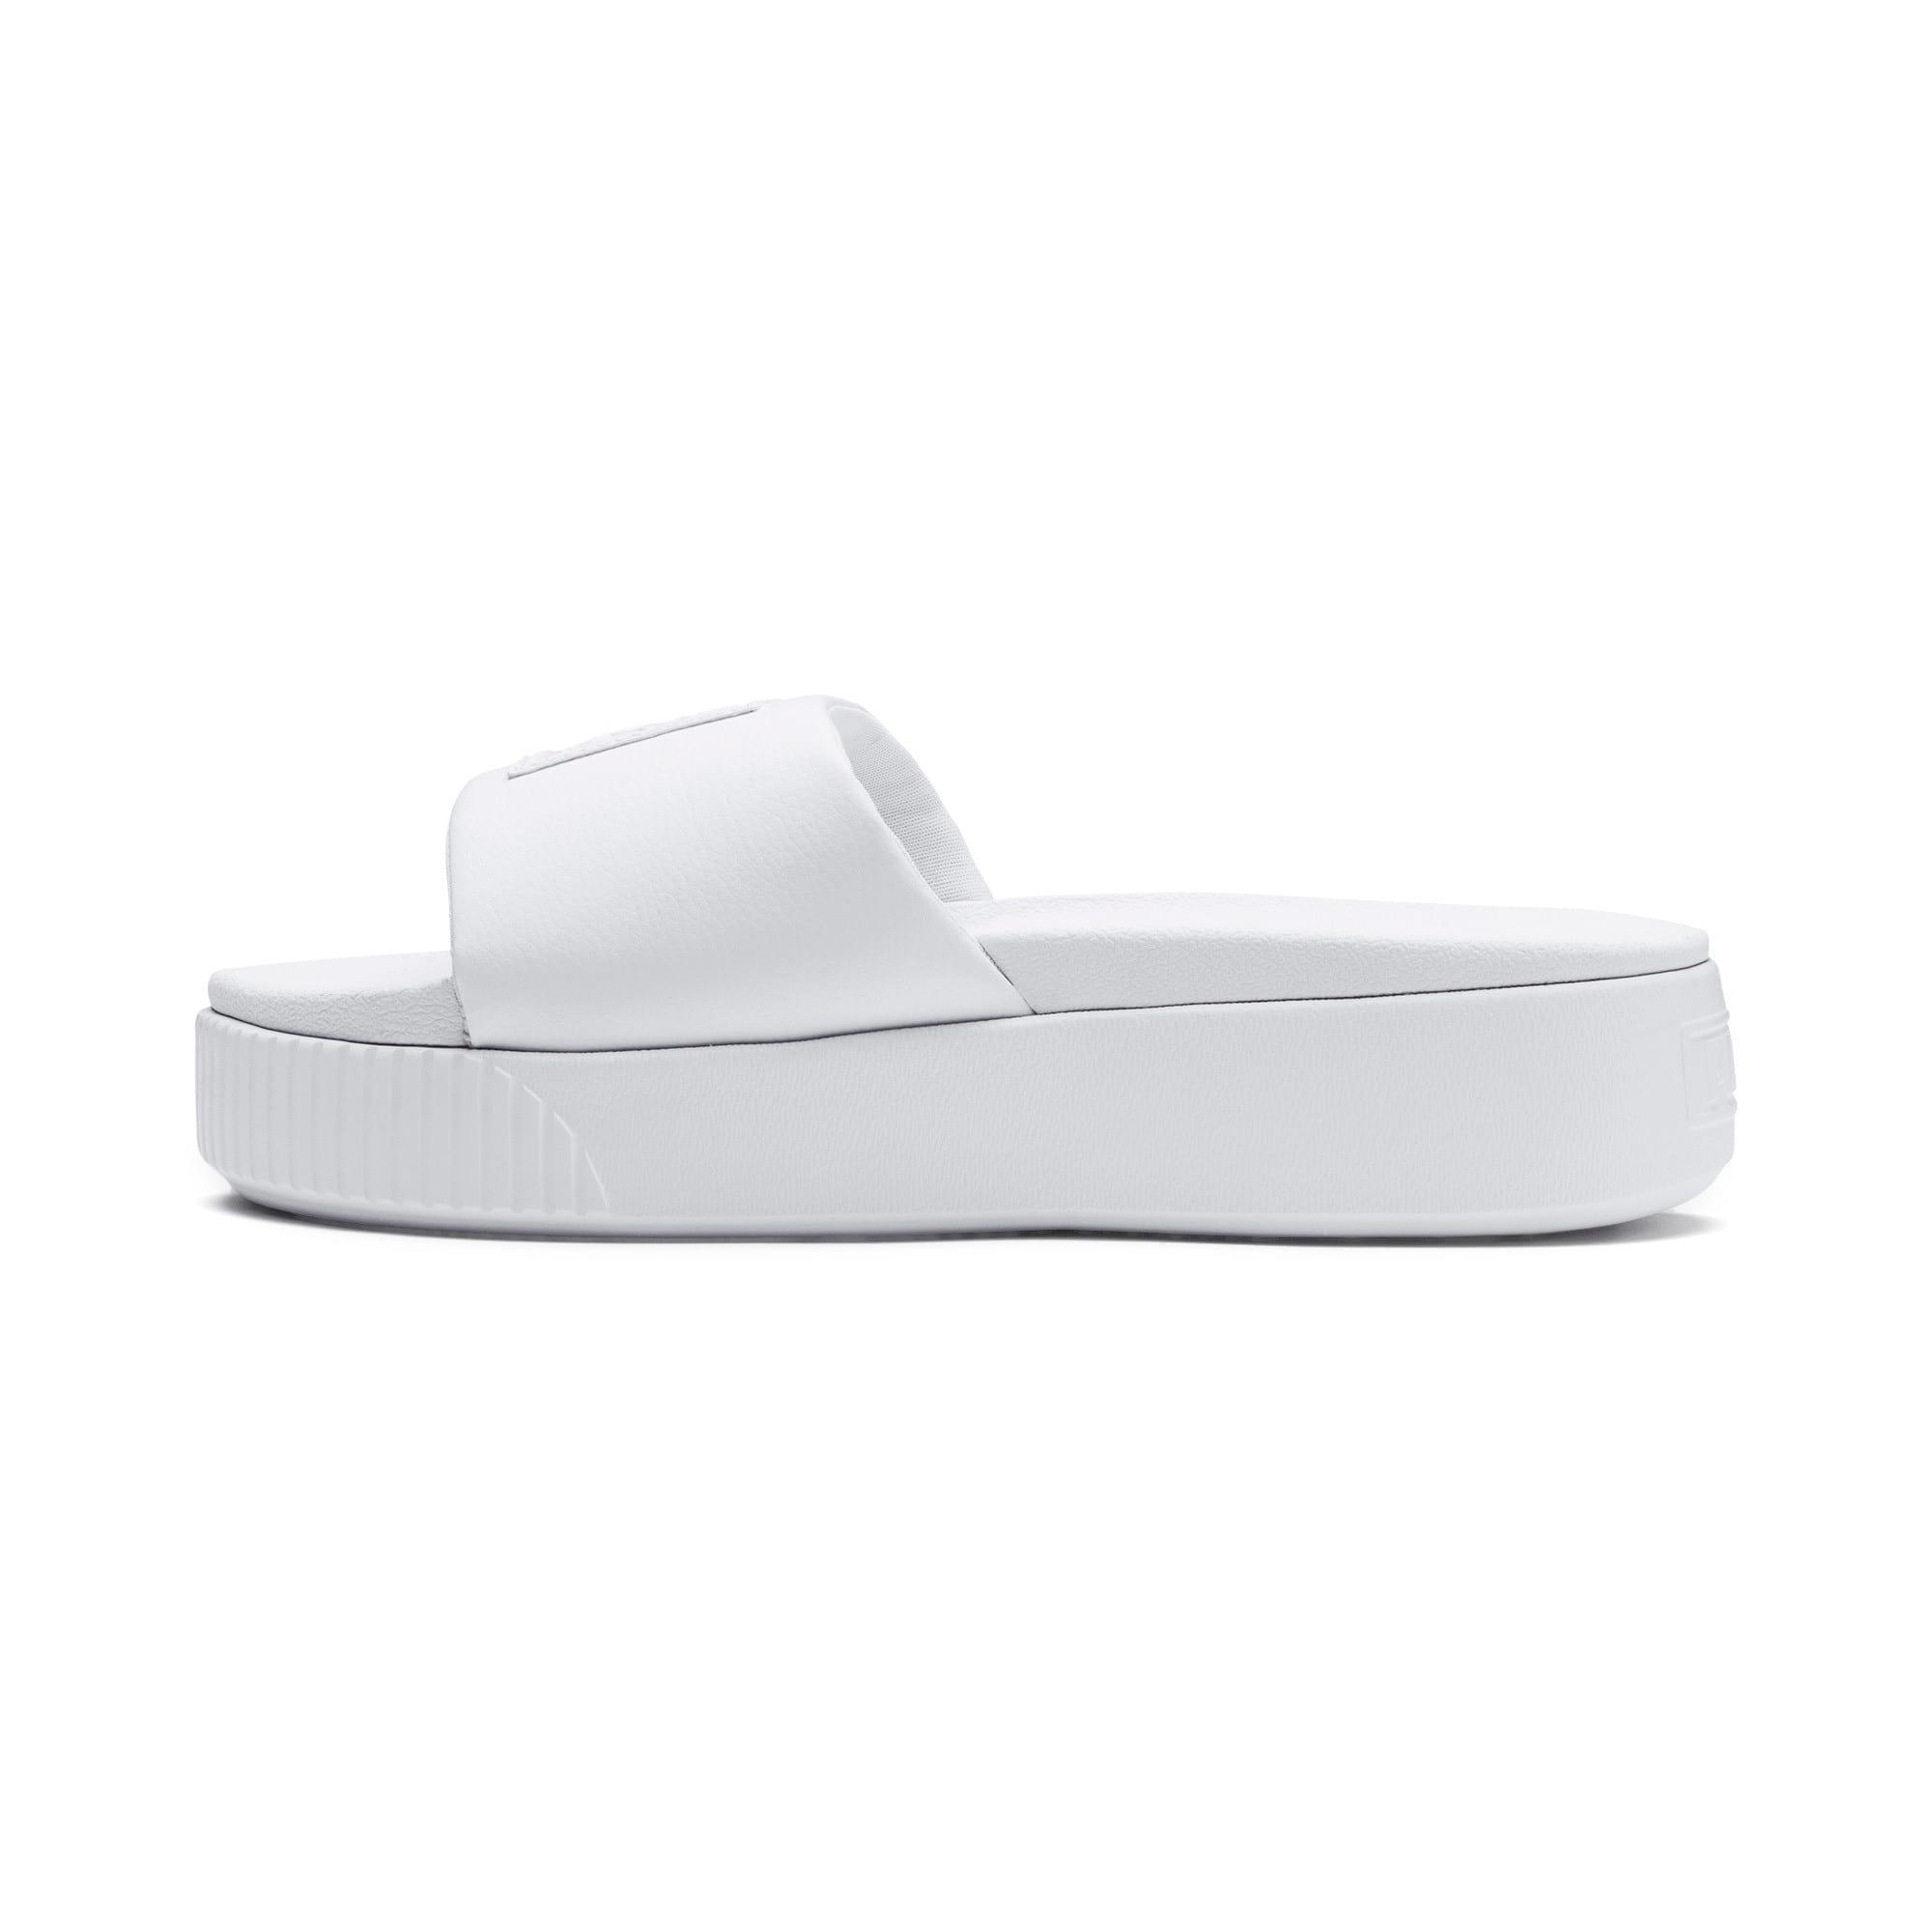 Thumbnail 1 of Platform Slide Women's Sandals, Puma White-Puma White, medium